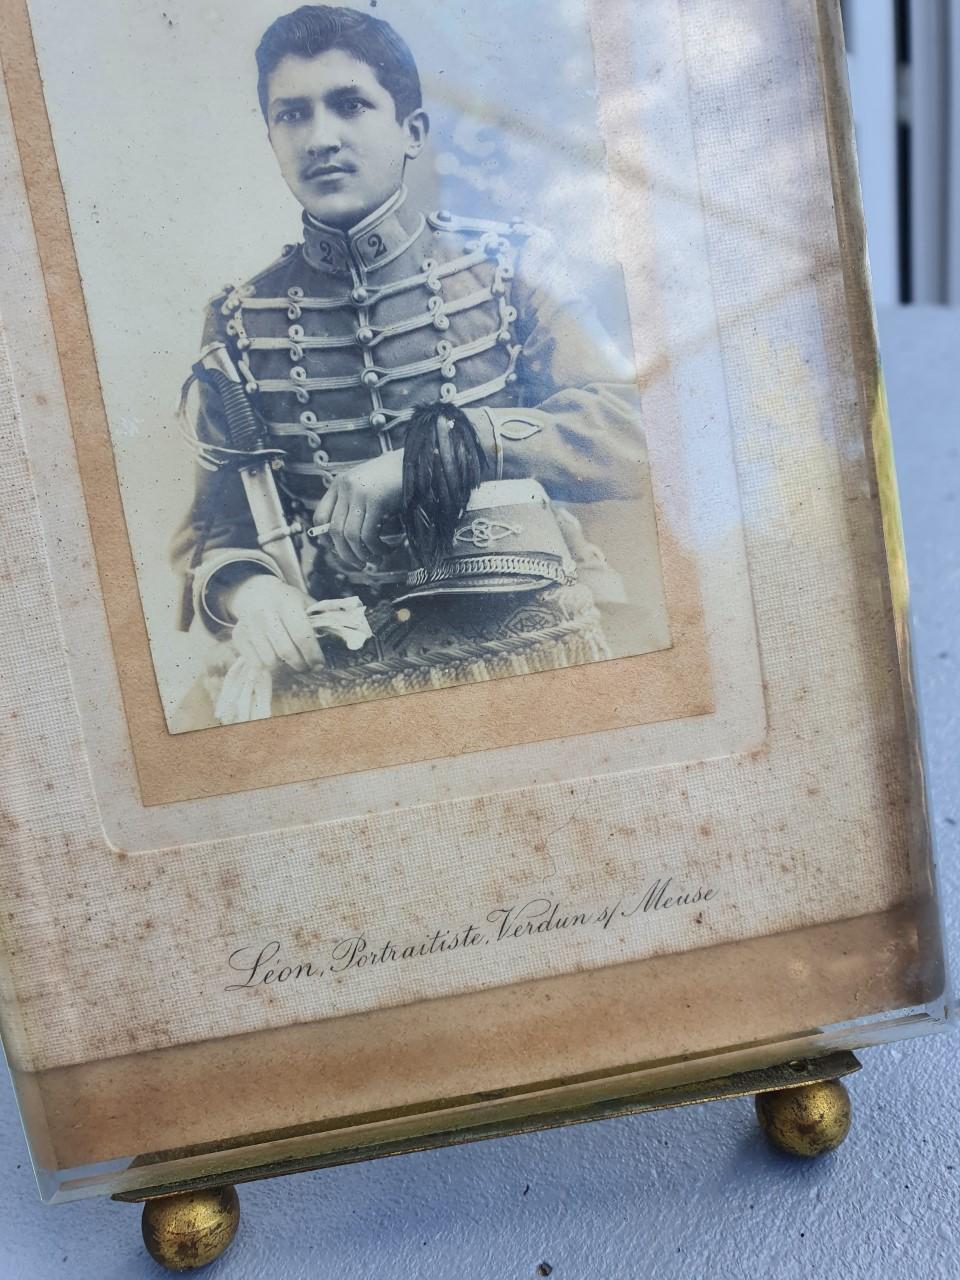 Portrait Leon portraitiste Verdun sur meuse Thumb117